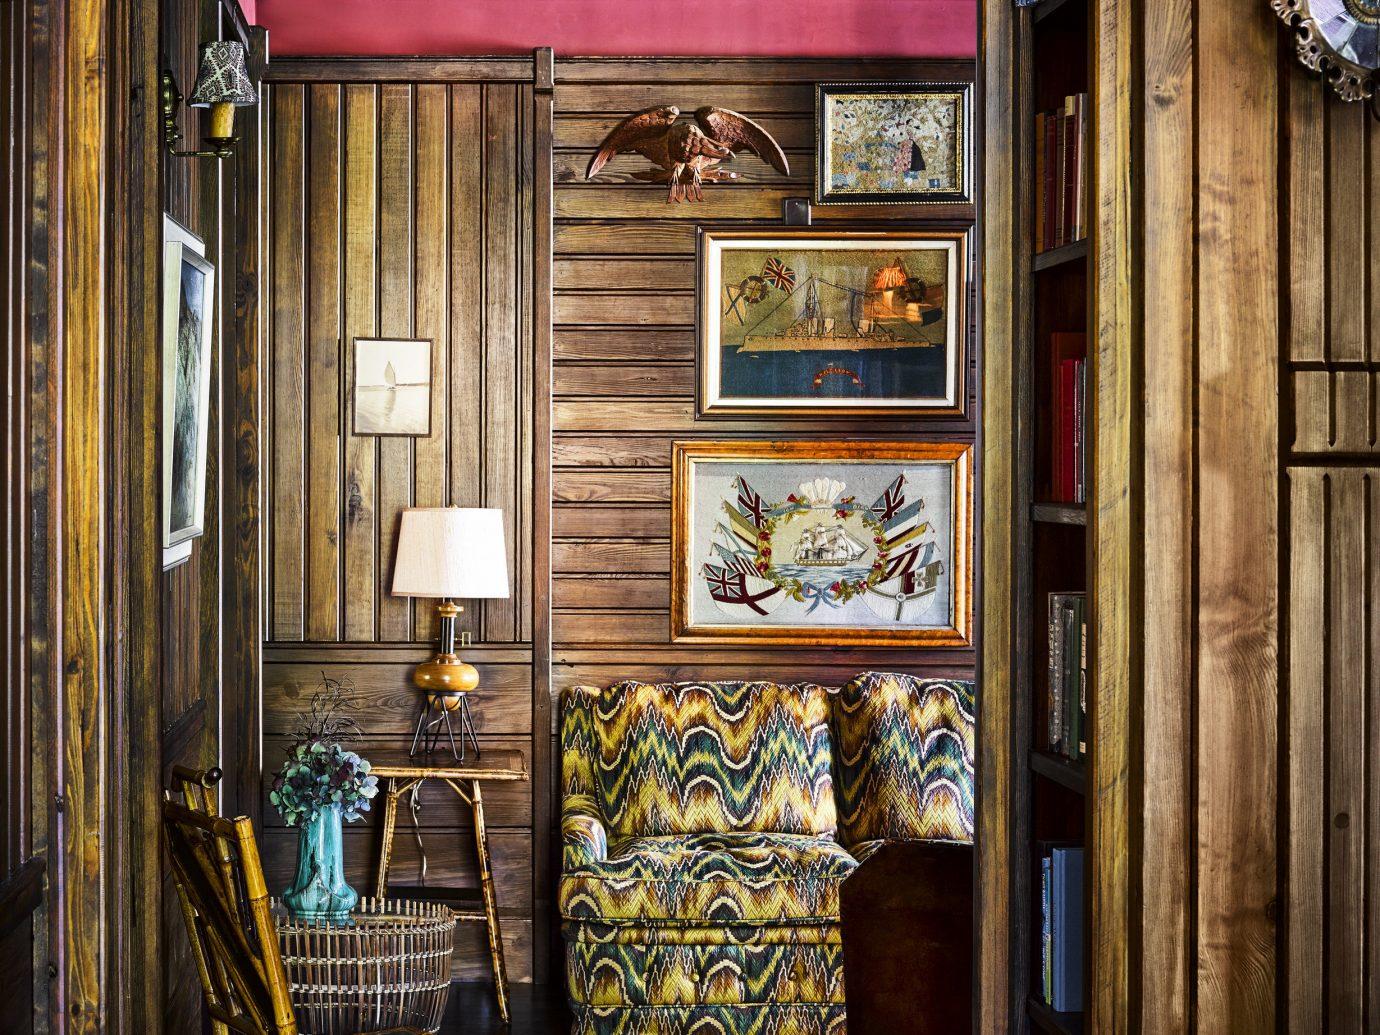 Trip Ideas floor indoor interior design furniture window door shelving bookcase